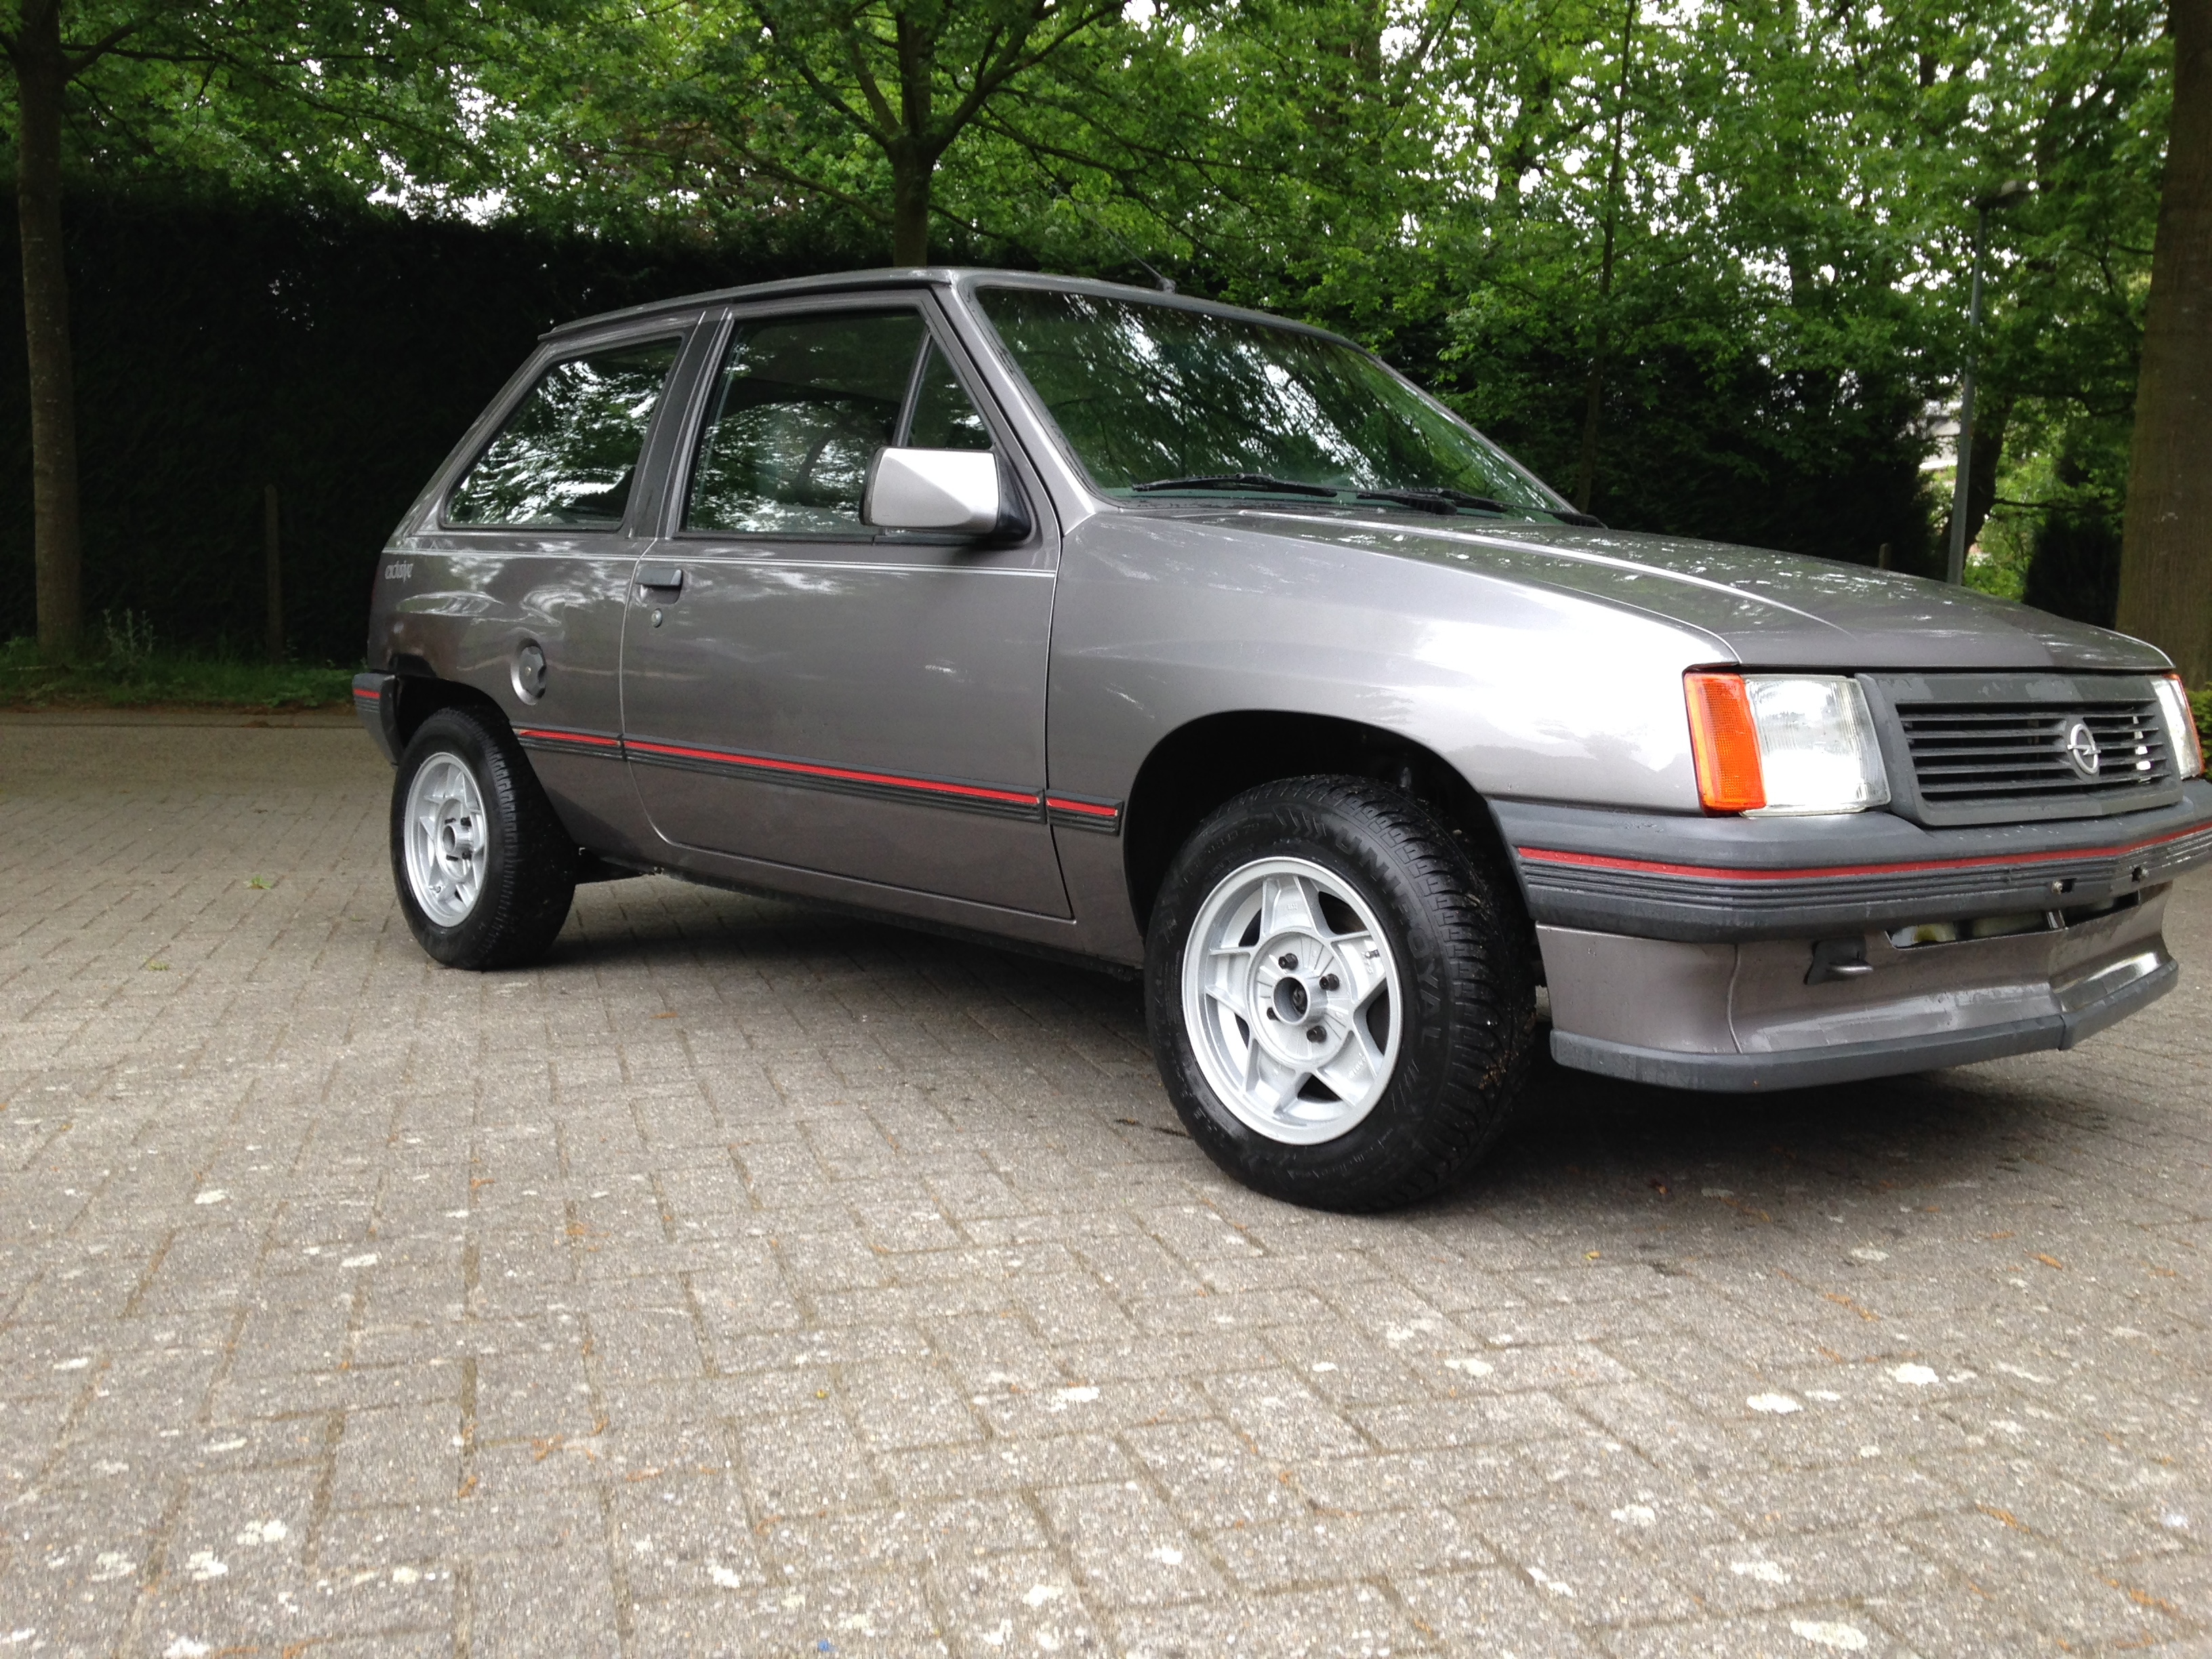 1989 opel corsa a for Garage opel paris 12